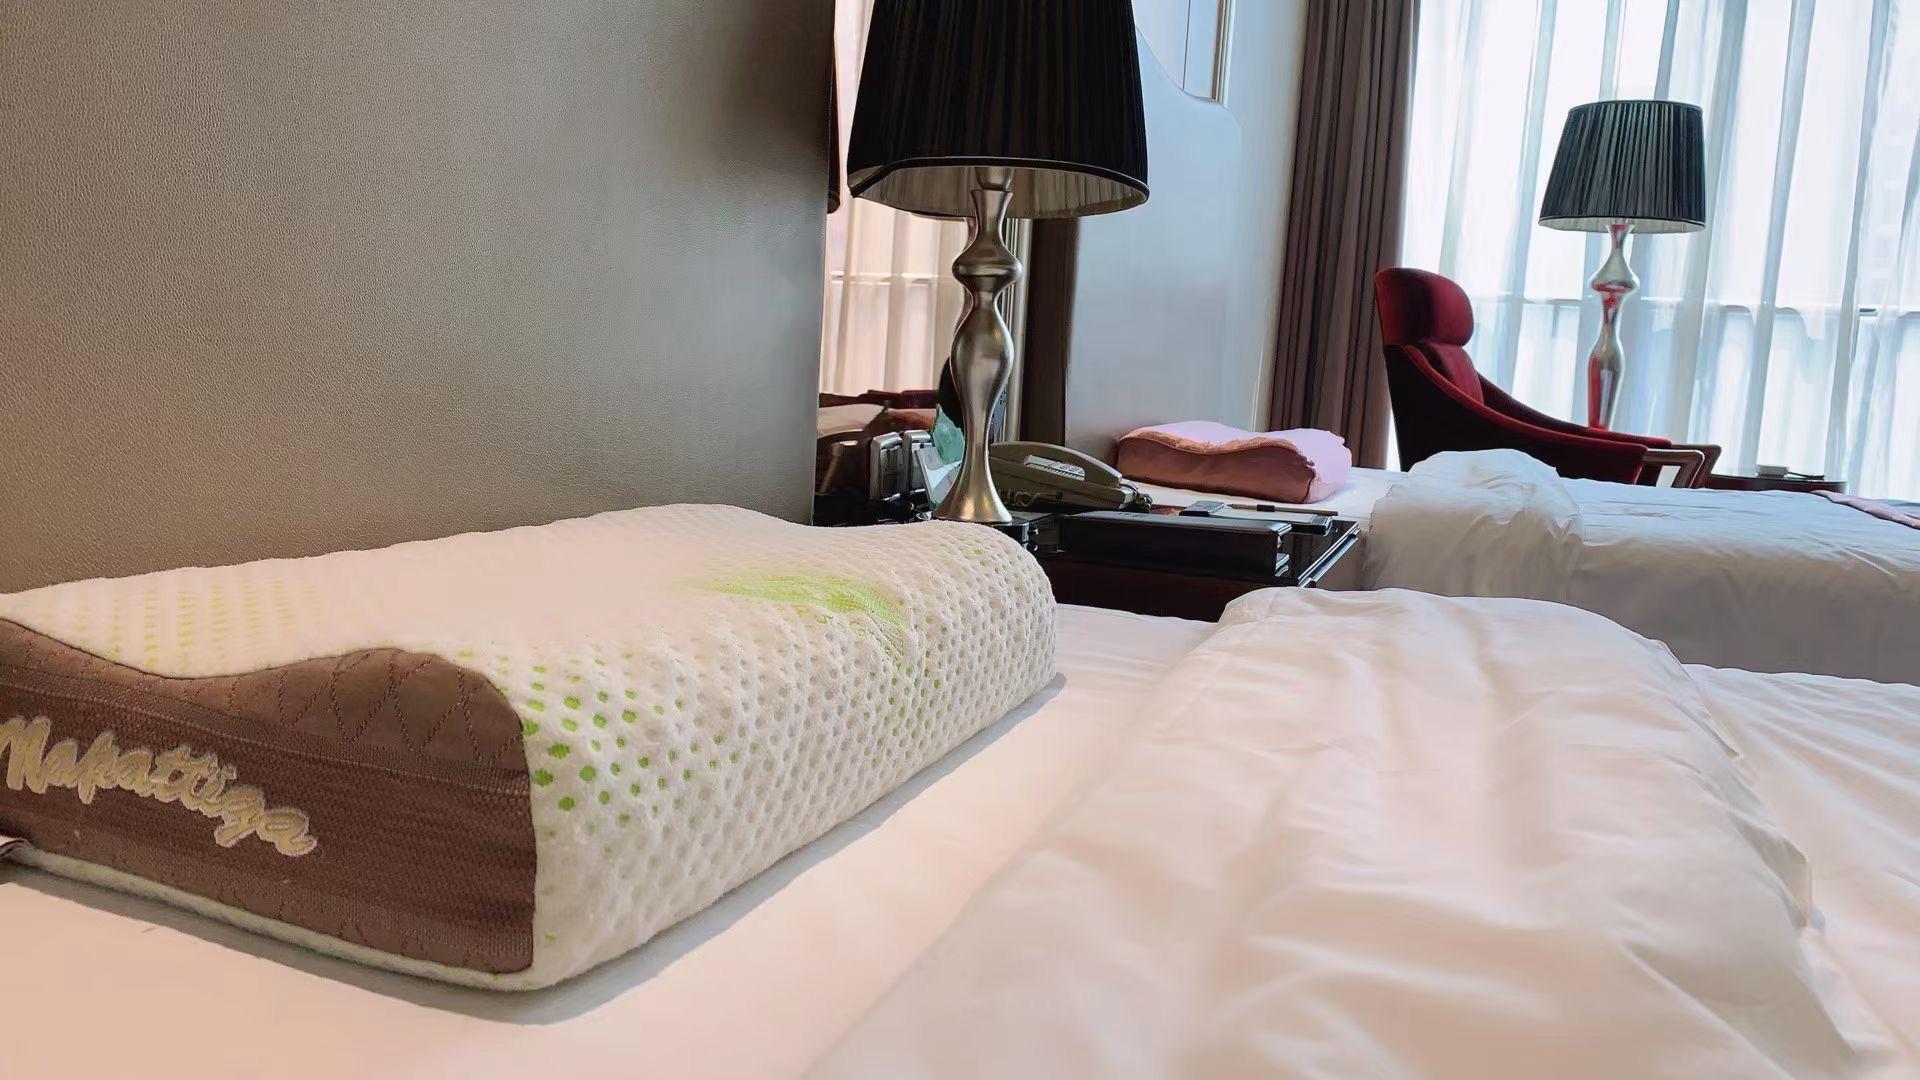 泰国乳胶寝具,你更青睐哪一个品牌